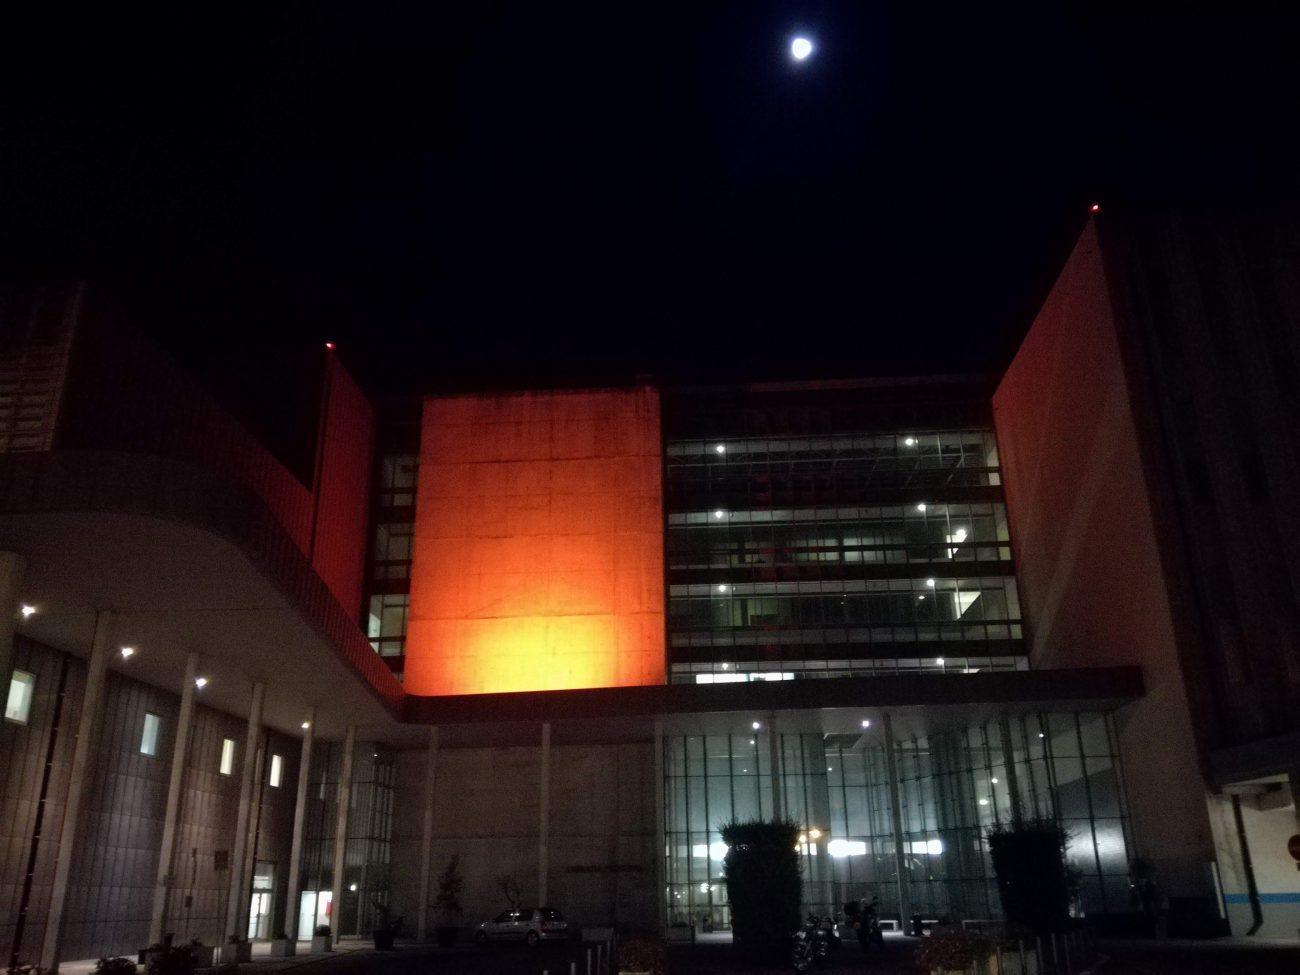 SAÚDE - Hospital de Braga assinalou o Dia Mundial da Segurança do Doente